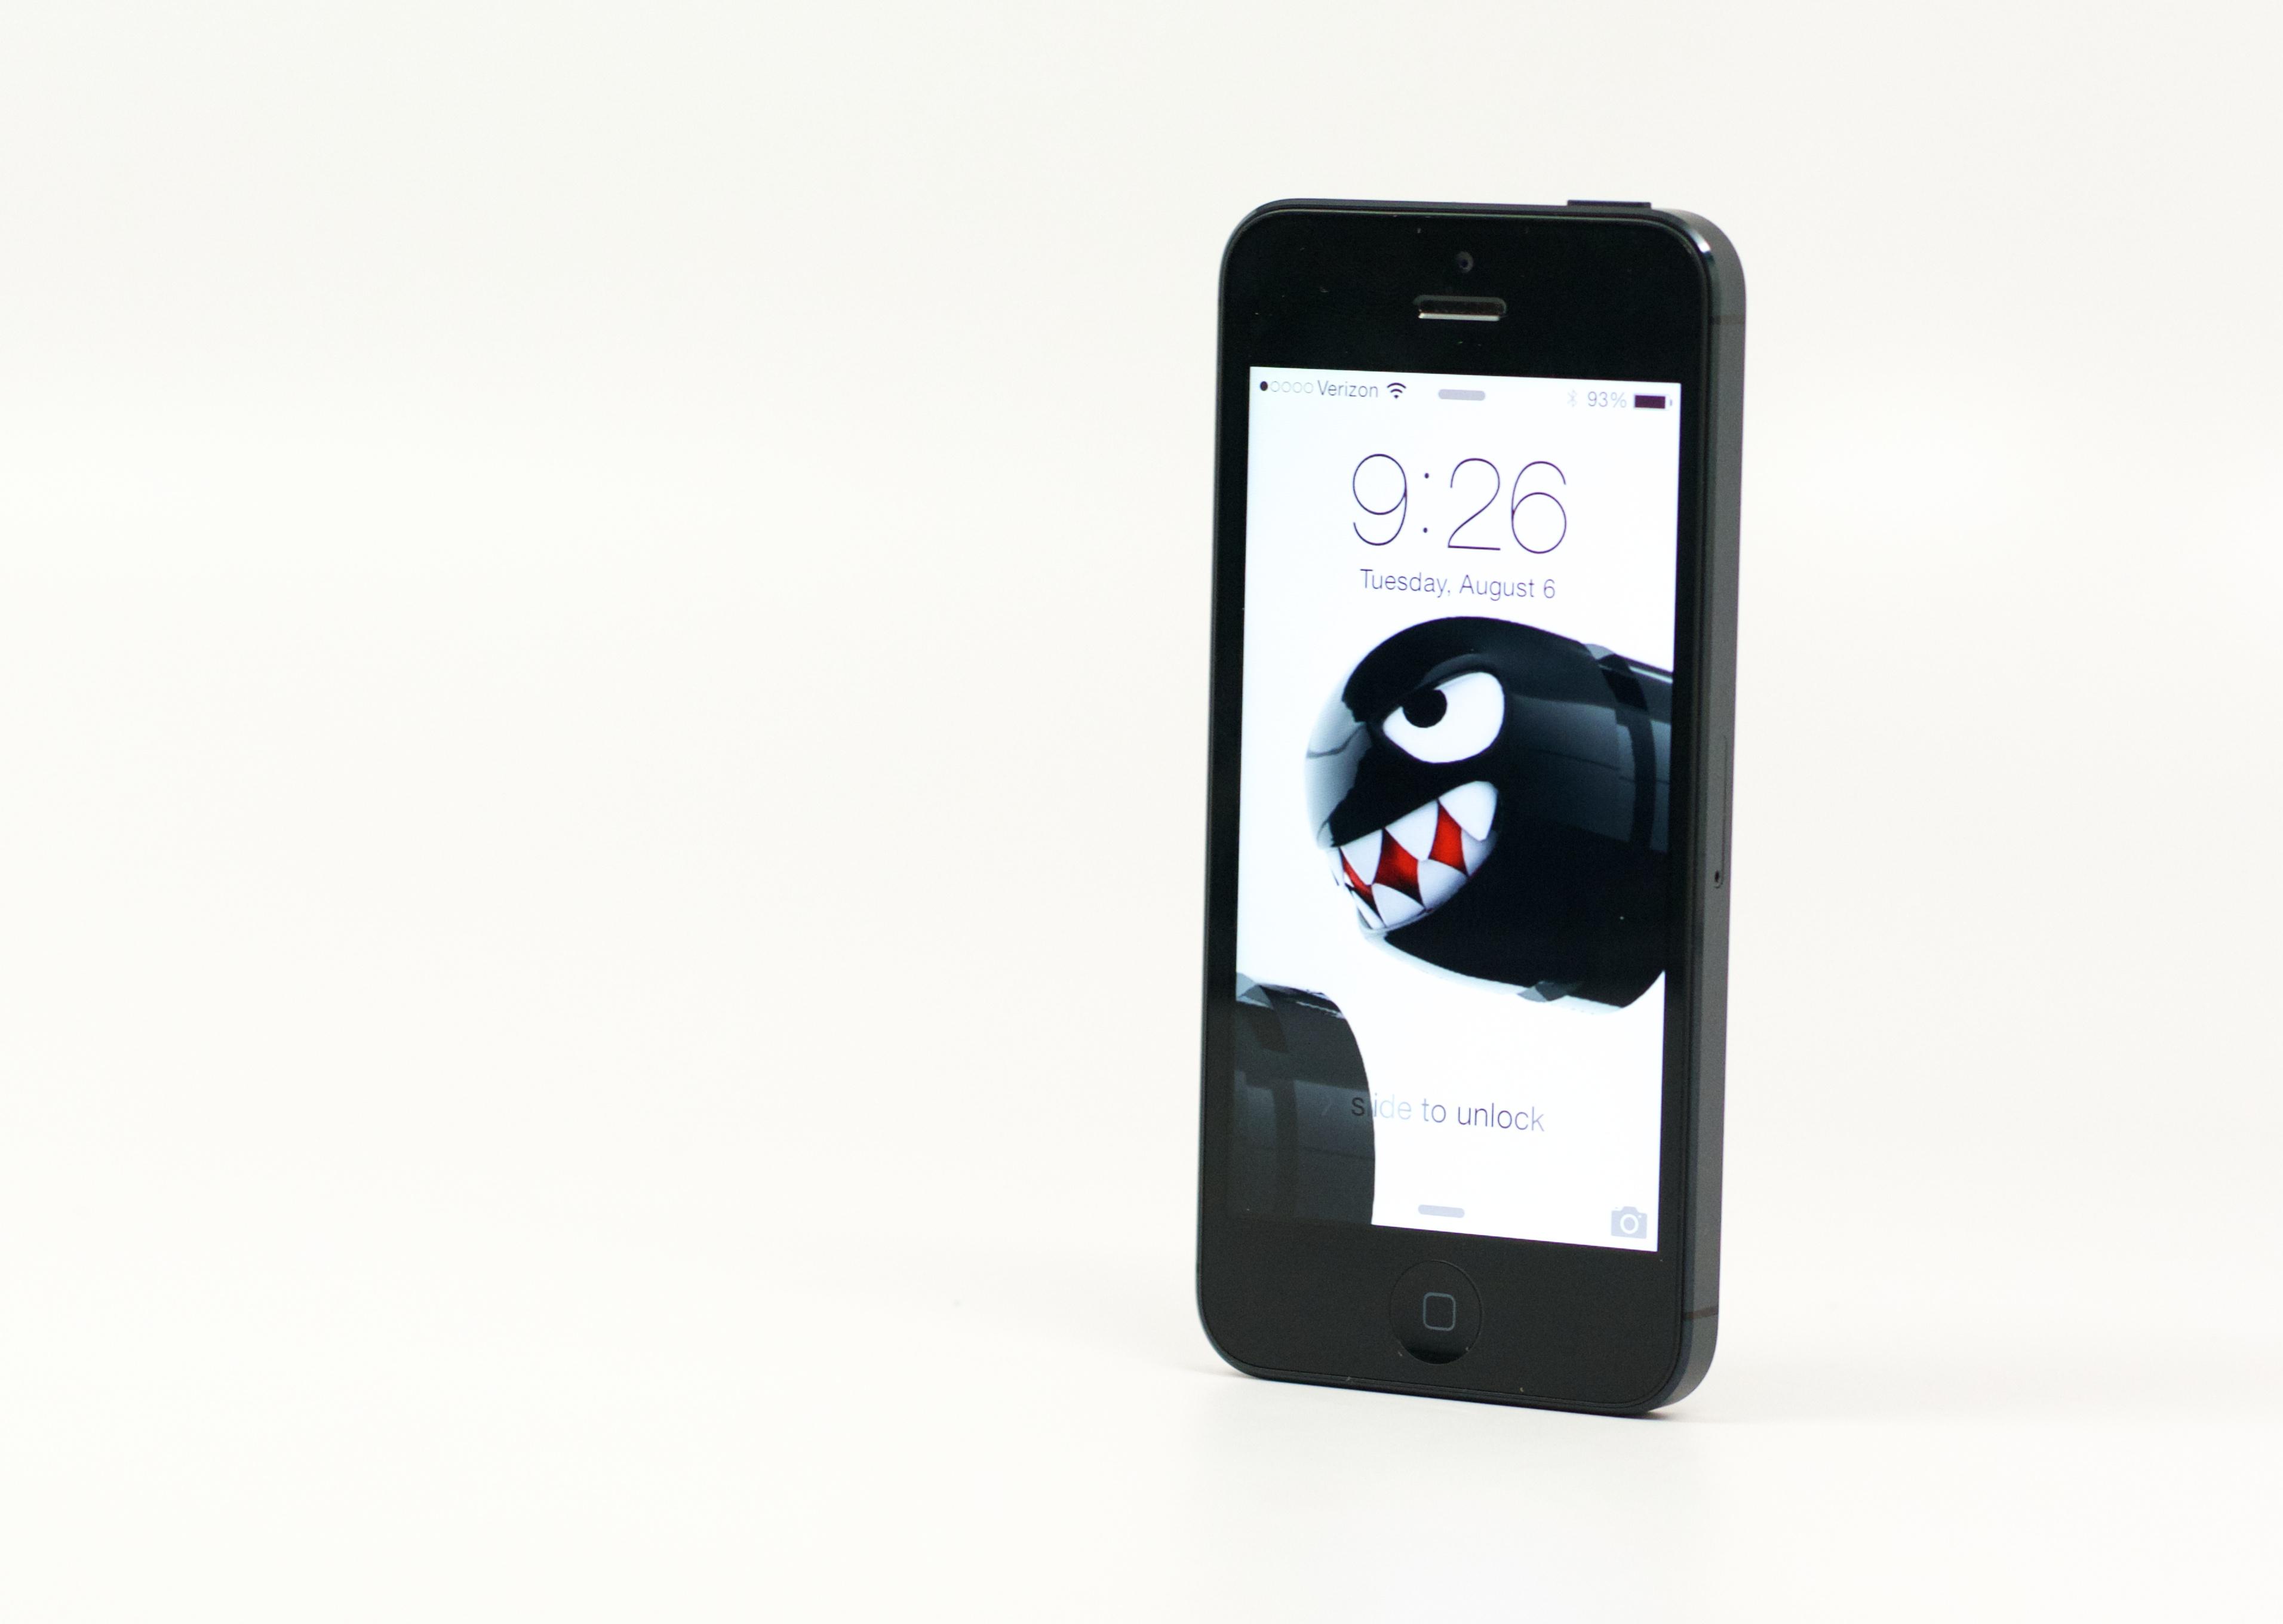 Iphone 5s release date in Perth